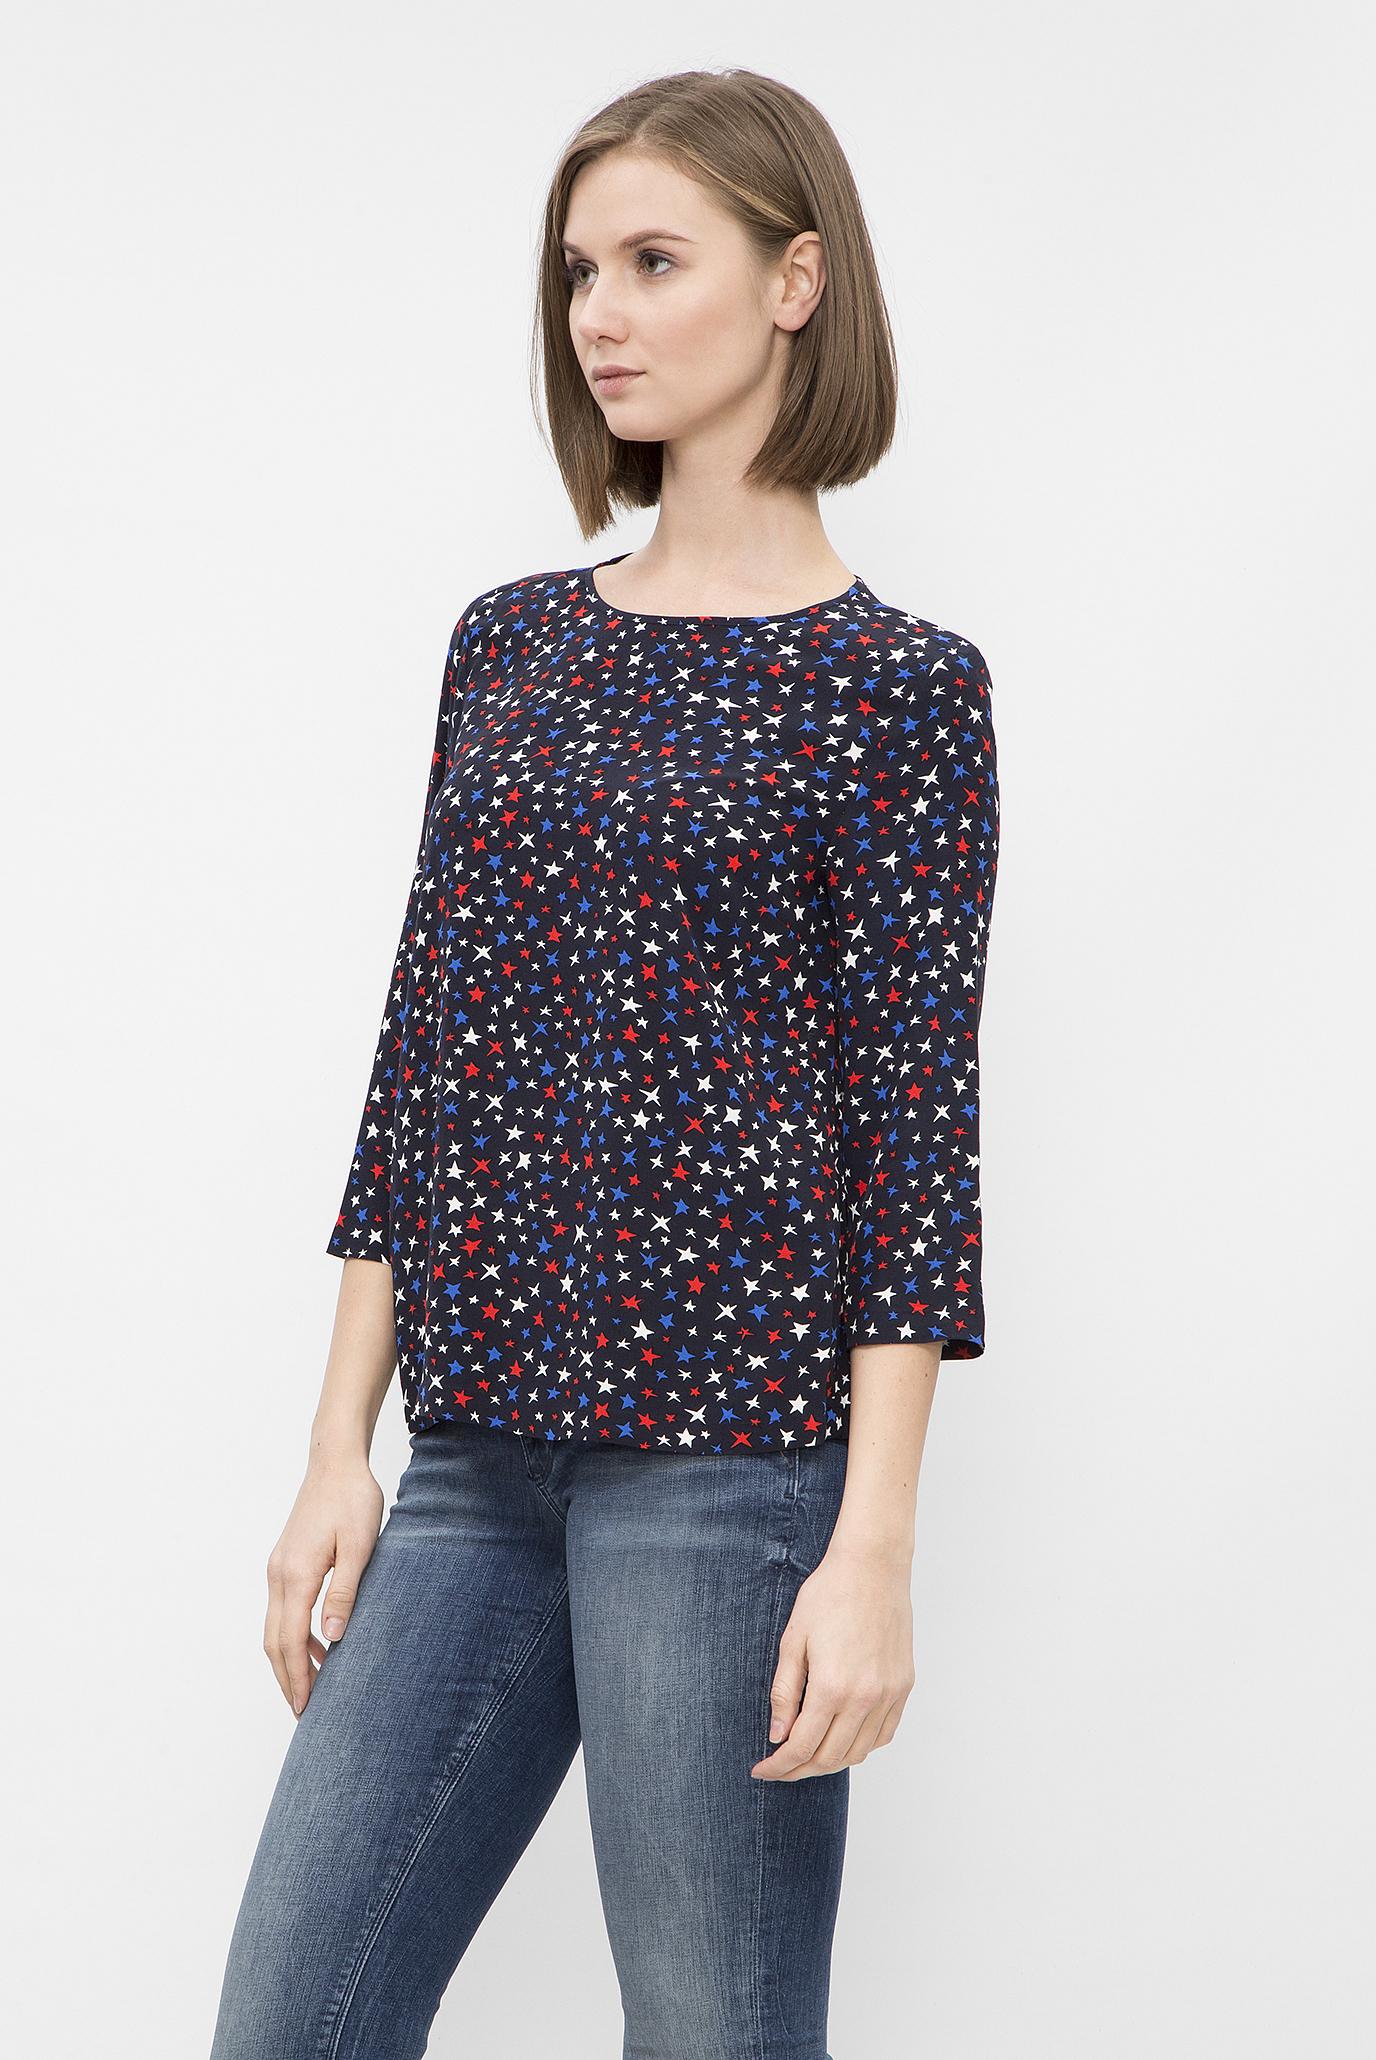 Купить Женская темно-синяя блуза с принтом Tommy Hilfiger Tommy Hilfiger WW0WW21008 – Киев, Украина. Цены в интернет магазине MD Fashion